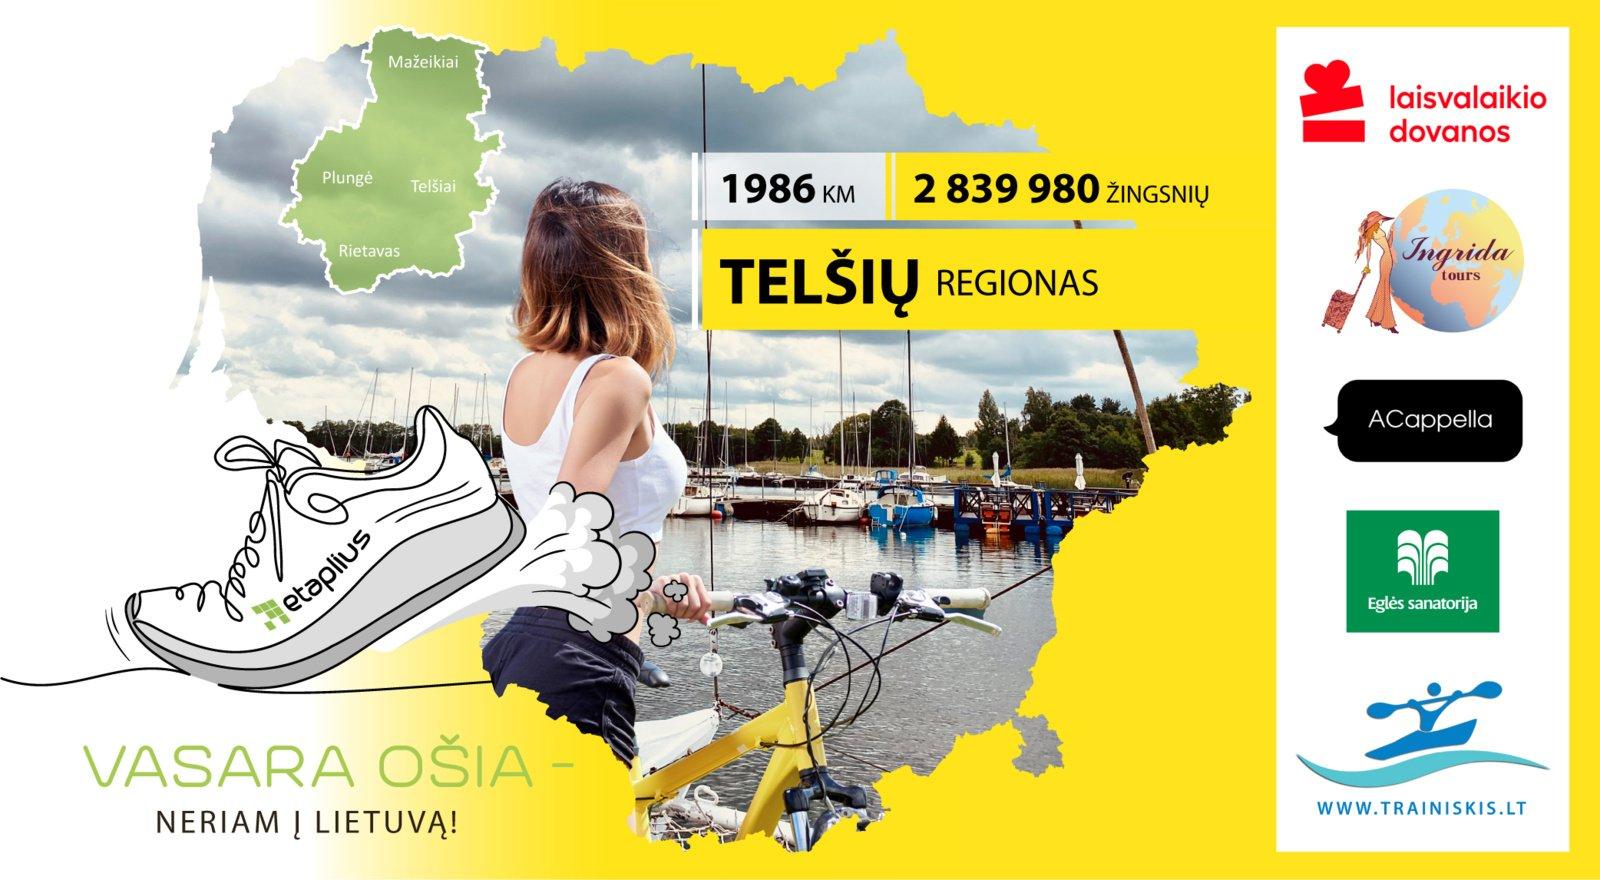 """""""Vasara ošia - neriam į Lietuvą"""": Telšių regione ir pamatysite, ir pailsėsite"""